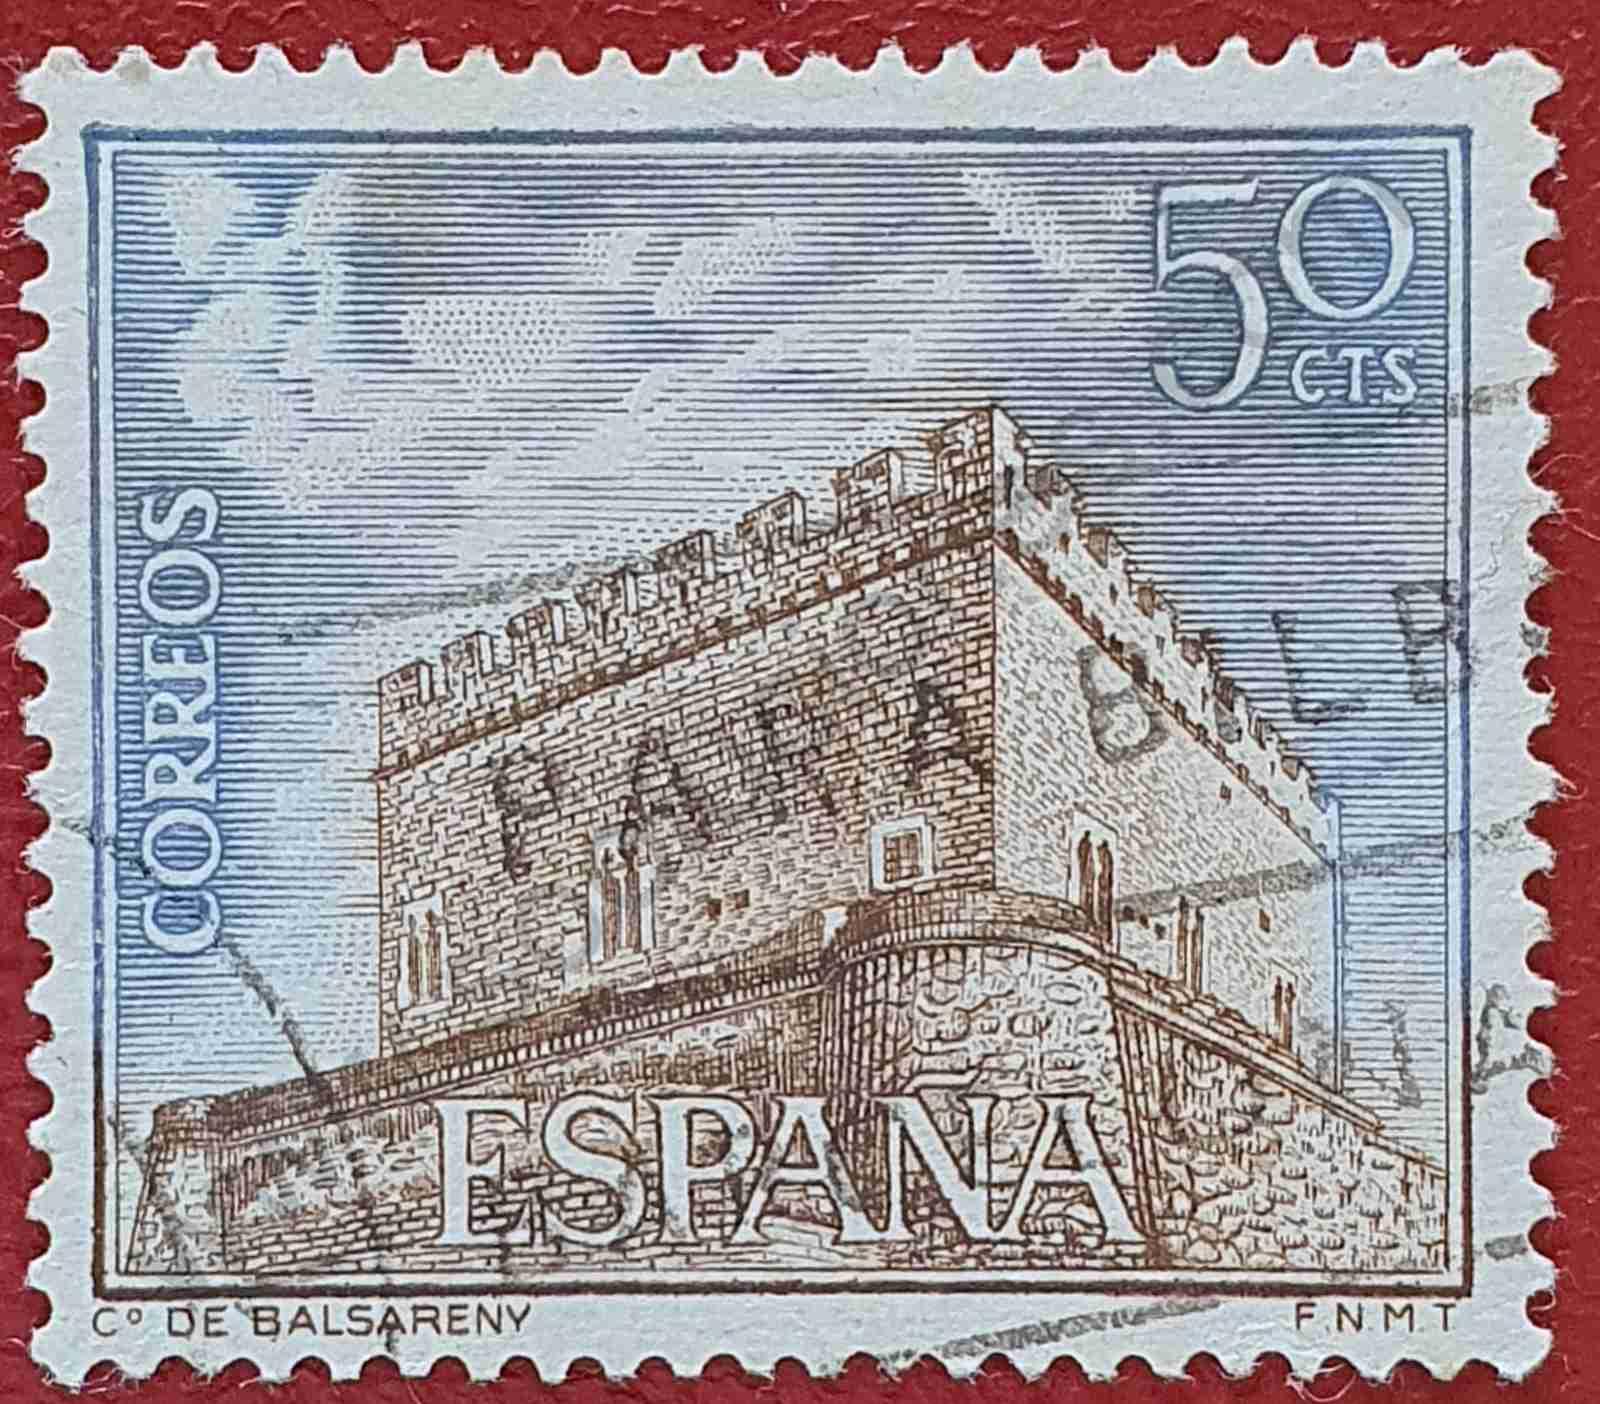 Castillo Balsareny - Sello España 1967